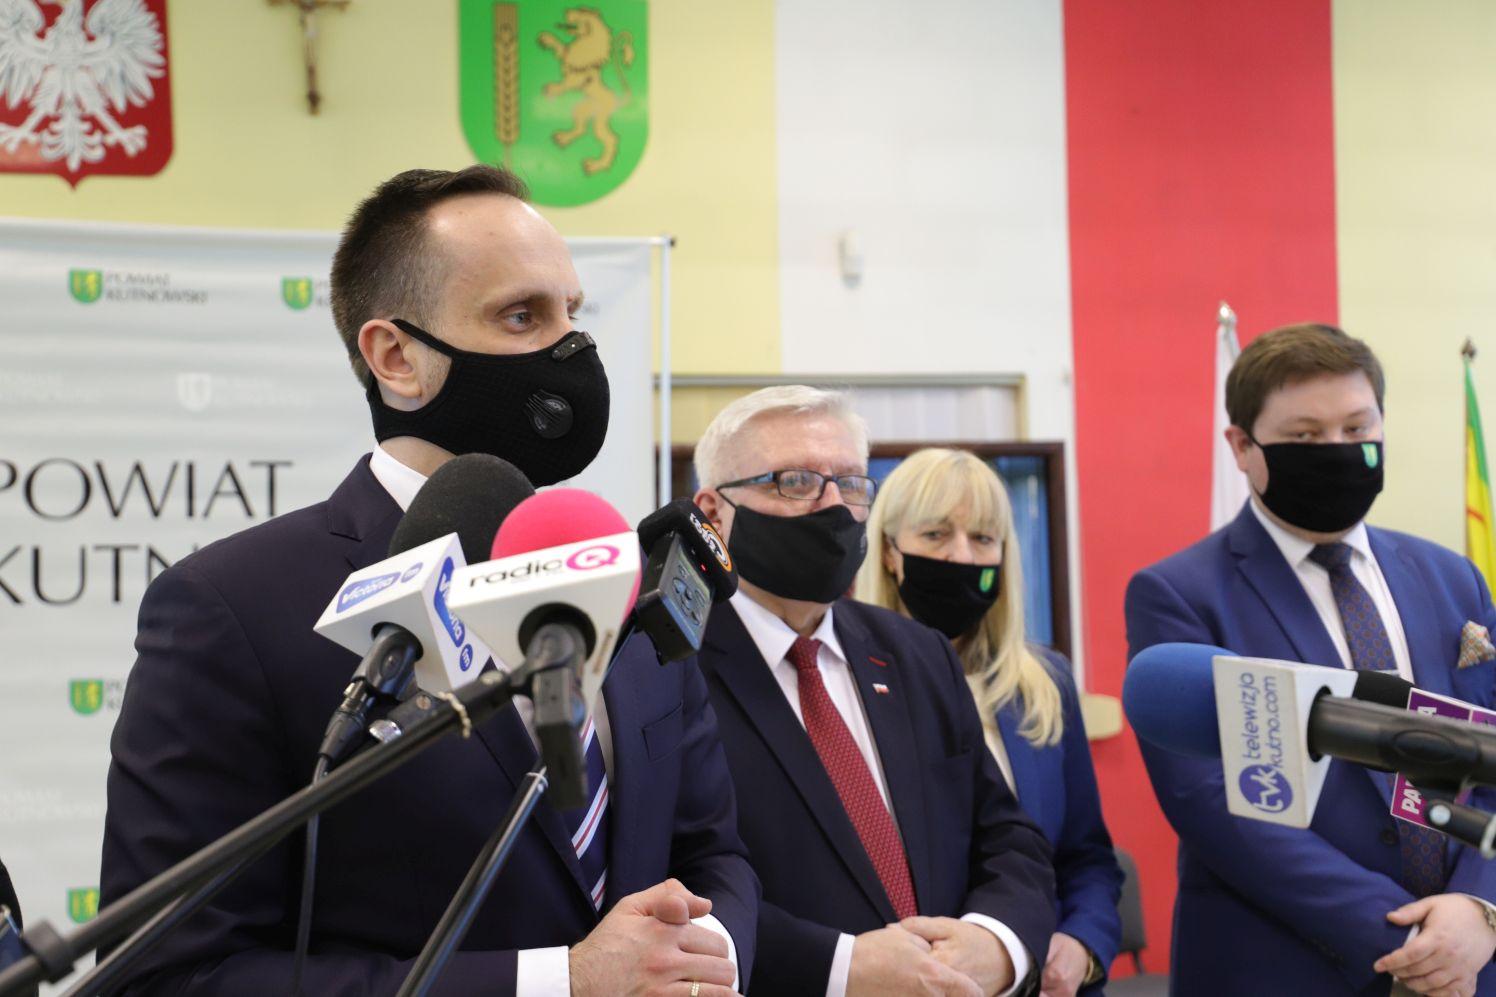 """[ZDJĘCIA/WIDEO] Wiceminister Janusz Kowalski w Kutnie: """"Rząd i samorządy muszą dobrze współpracować"""" - Zdjęcie główne"""